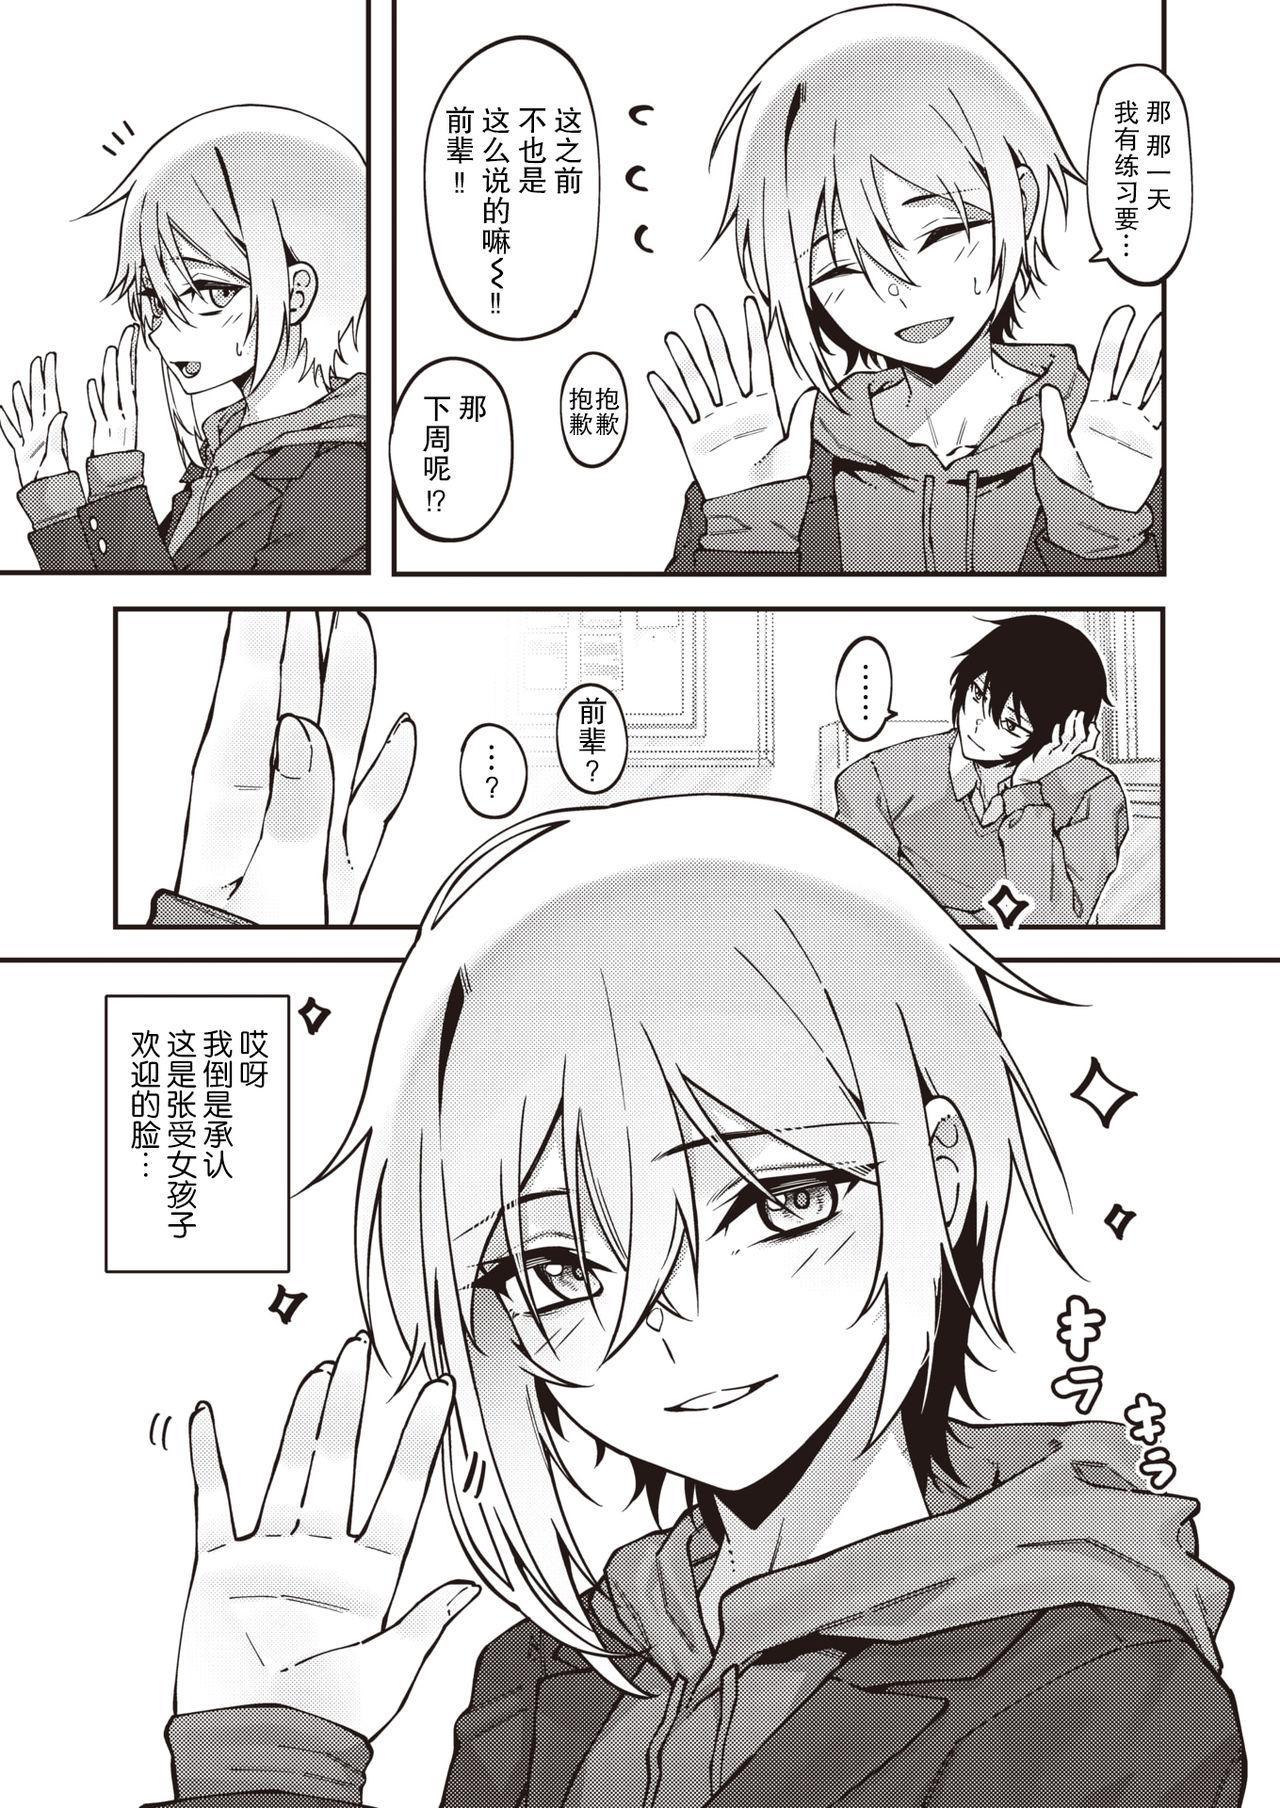 Kakushigoto Hime 3